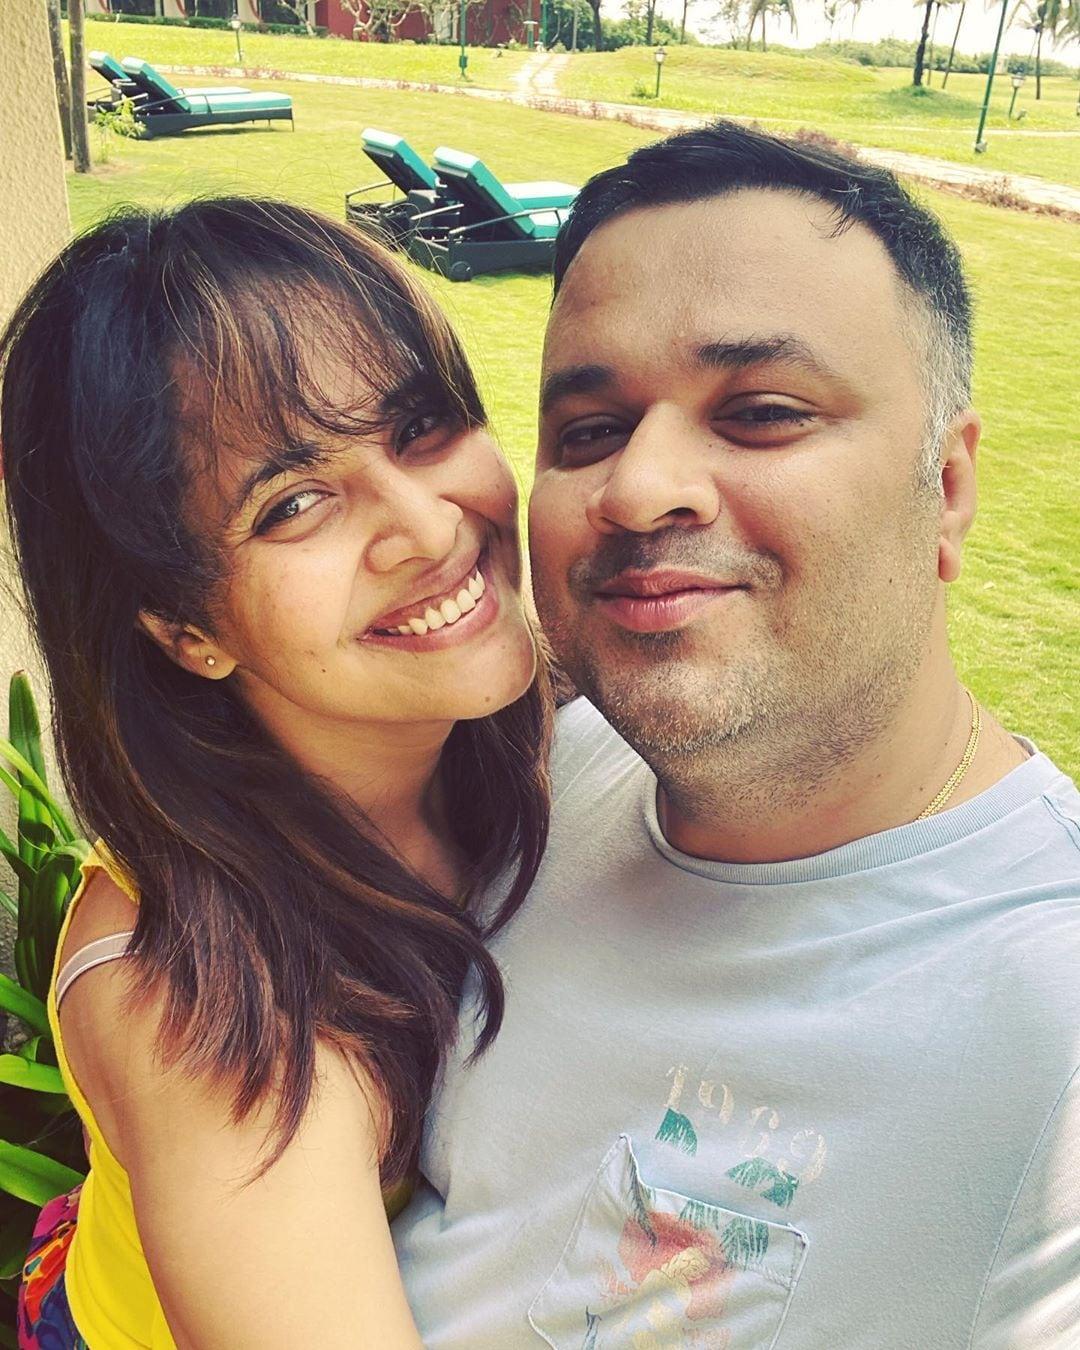 భర్త తో కలిసి గోవాలో అనసూయ Photo : Instagram